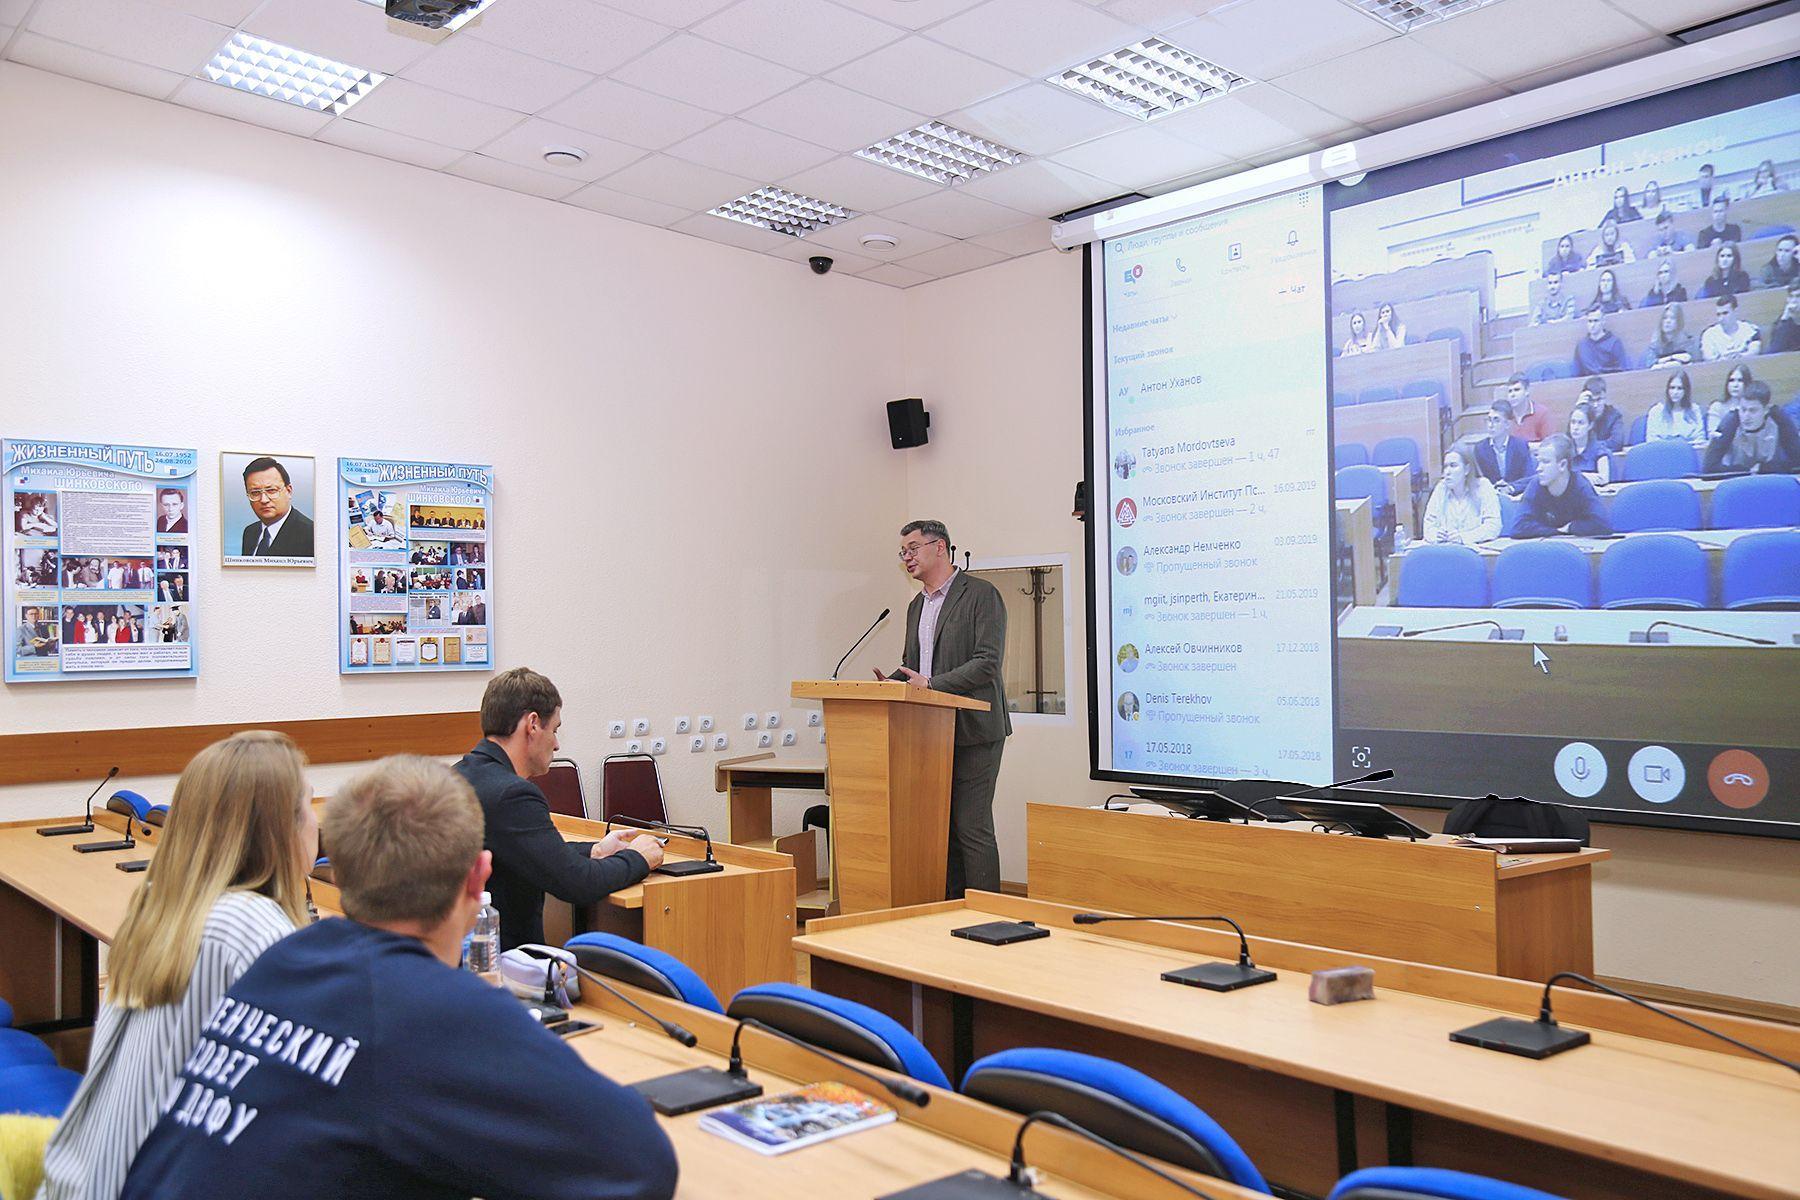 Научно-исследовательский коллектив ВГУЭС под руководством профессора Алексея Мамычева выиграл грант РФФИ и ЭИСИ